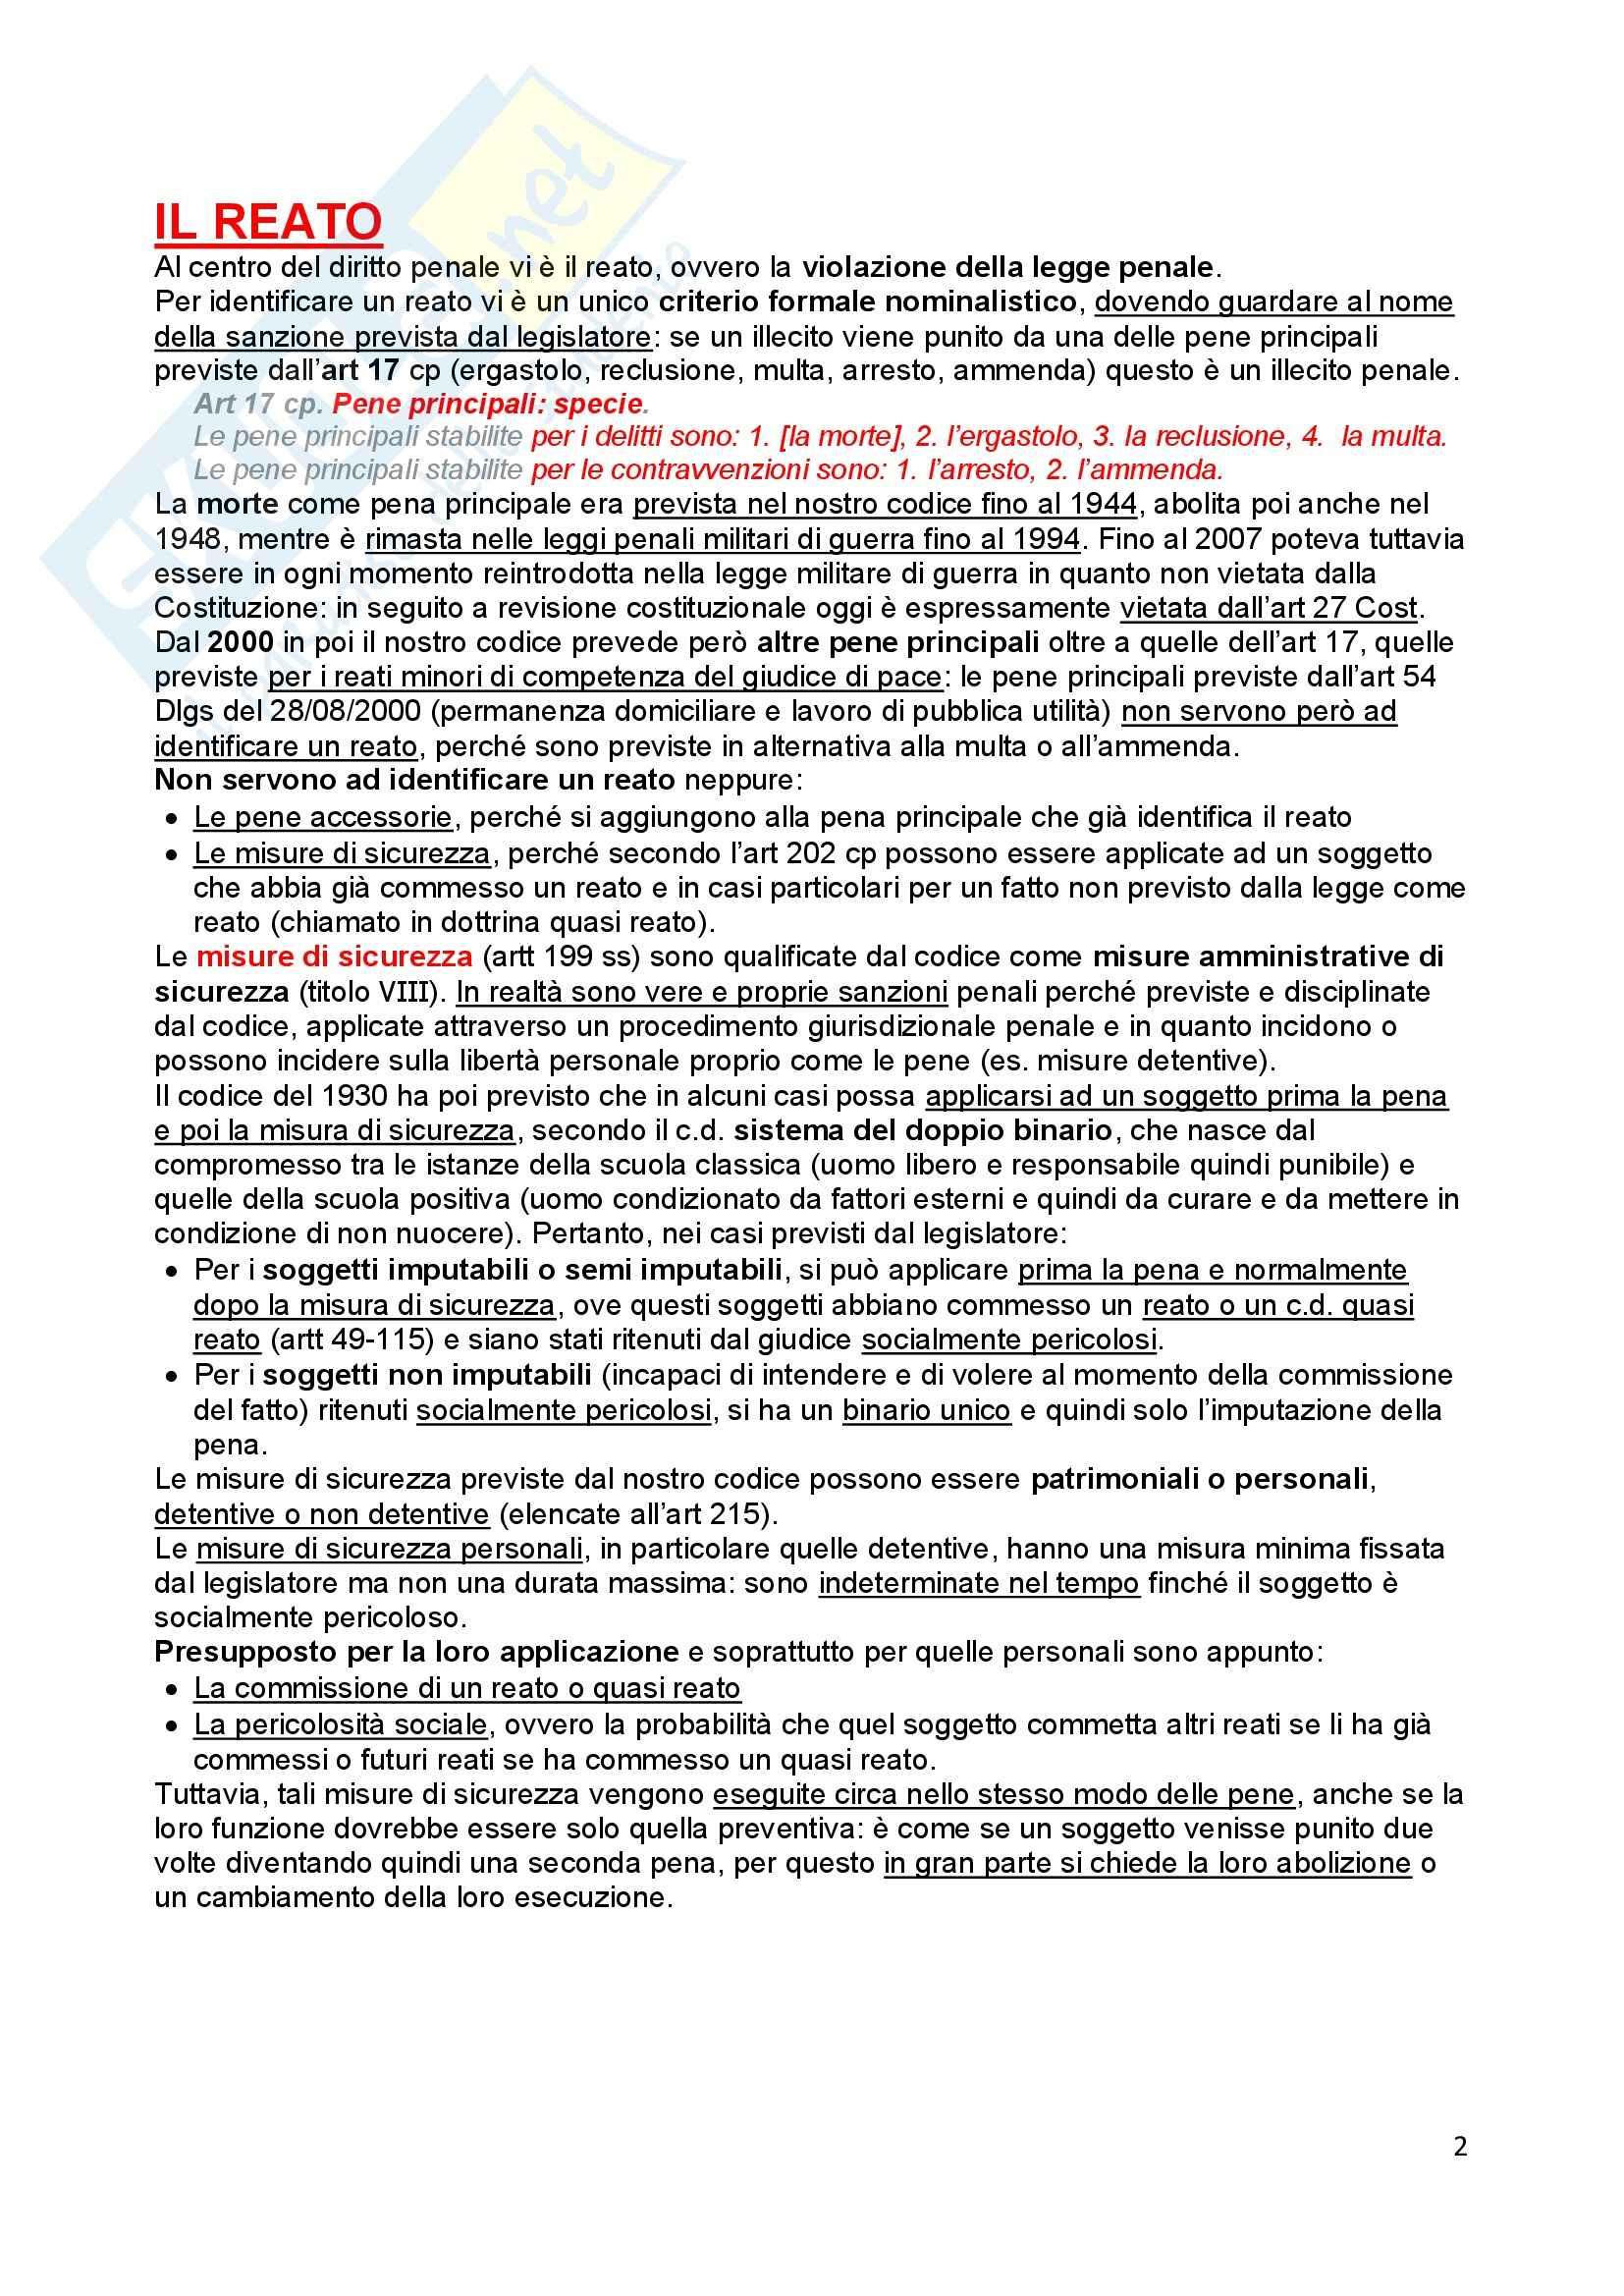 Diritto penale - Appunti Pag. 2